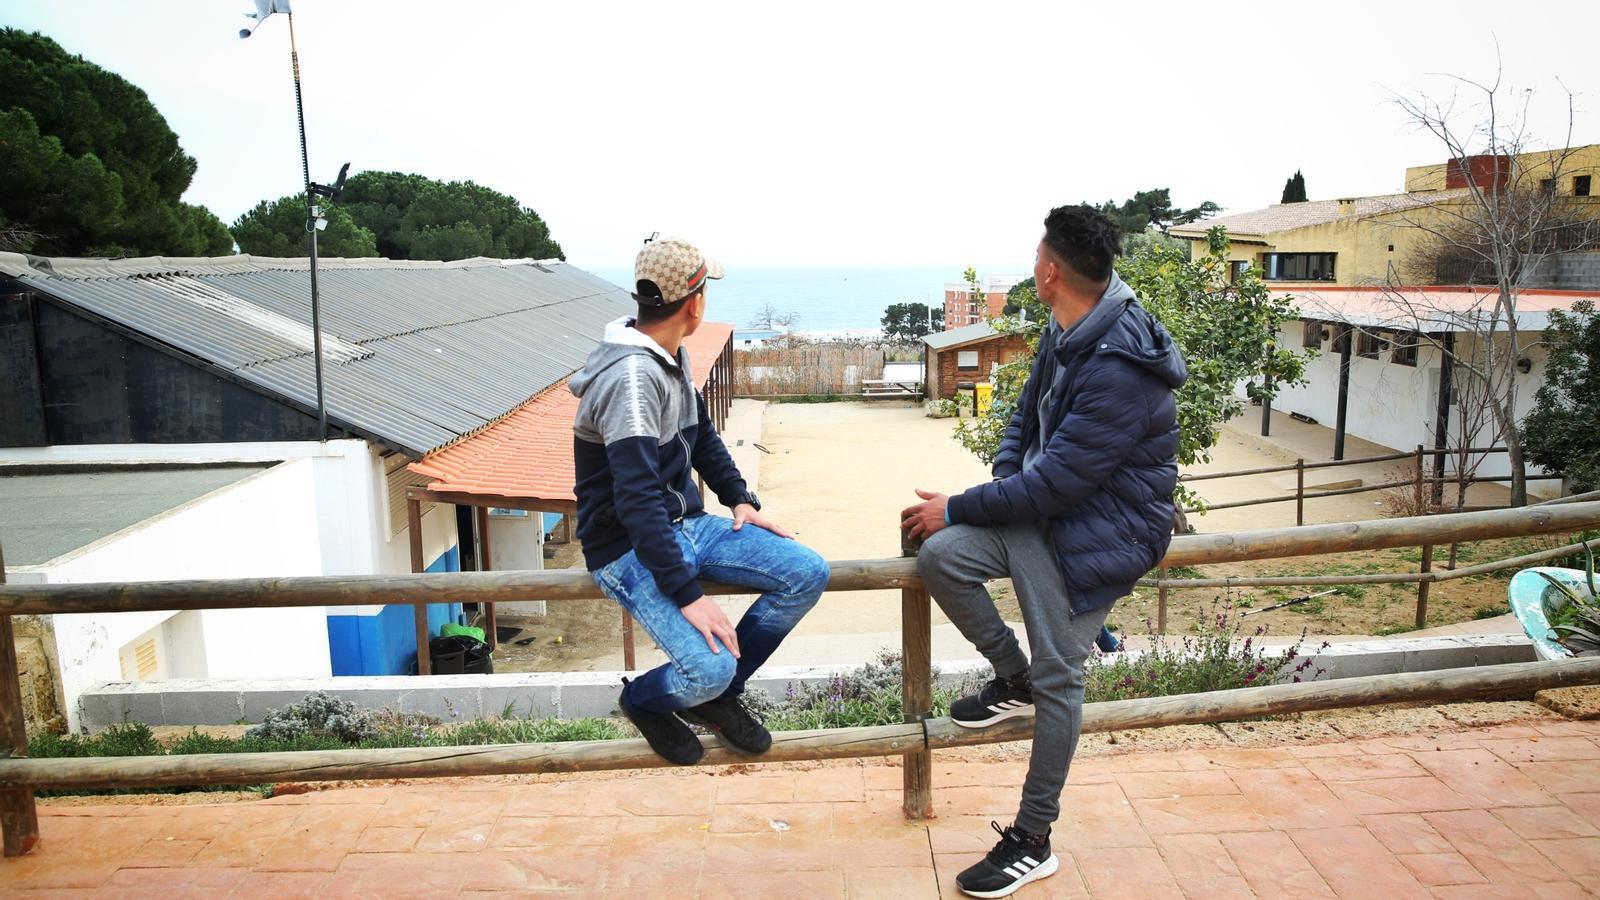 Un home entra amb un matxet a un centre de 'menes' de Canet de Mar